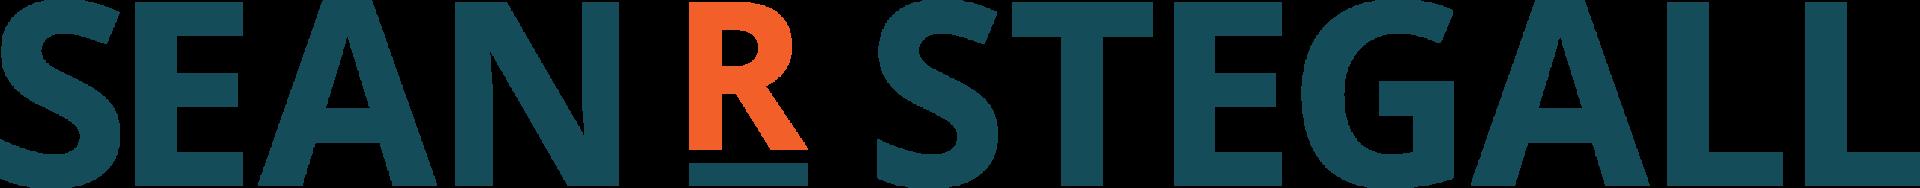 Sean R. Stegall